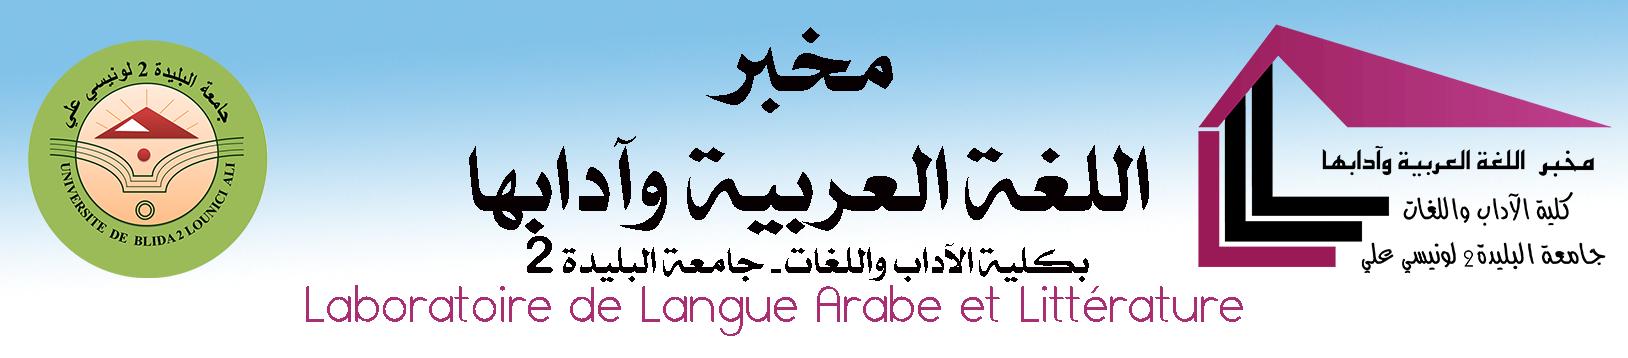 مخبر اللغة العربية و أدبها